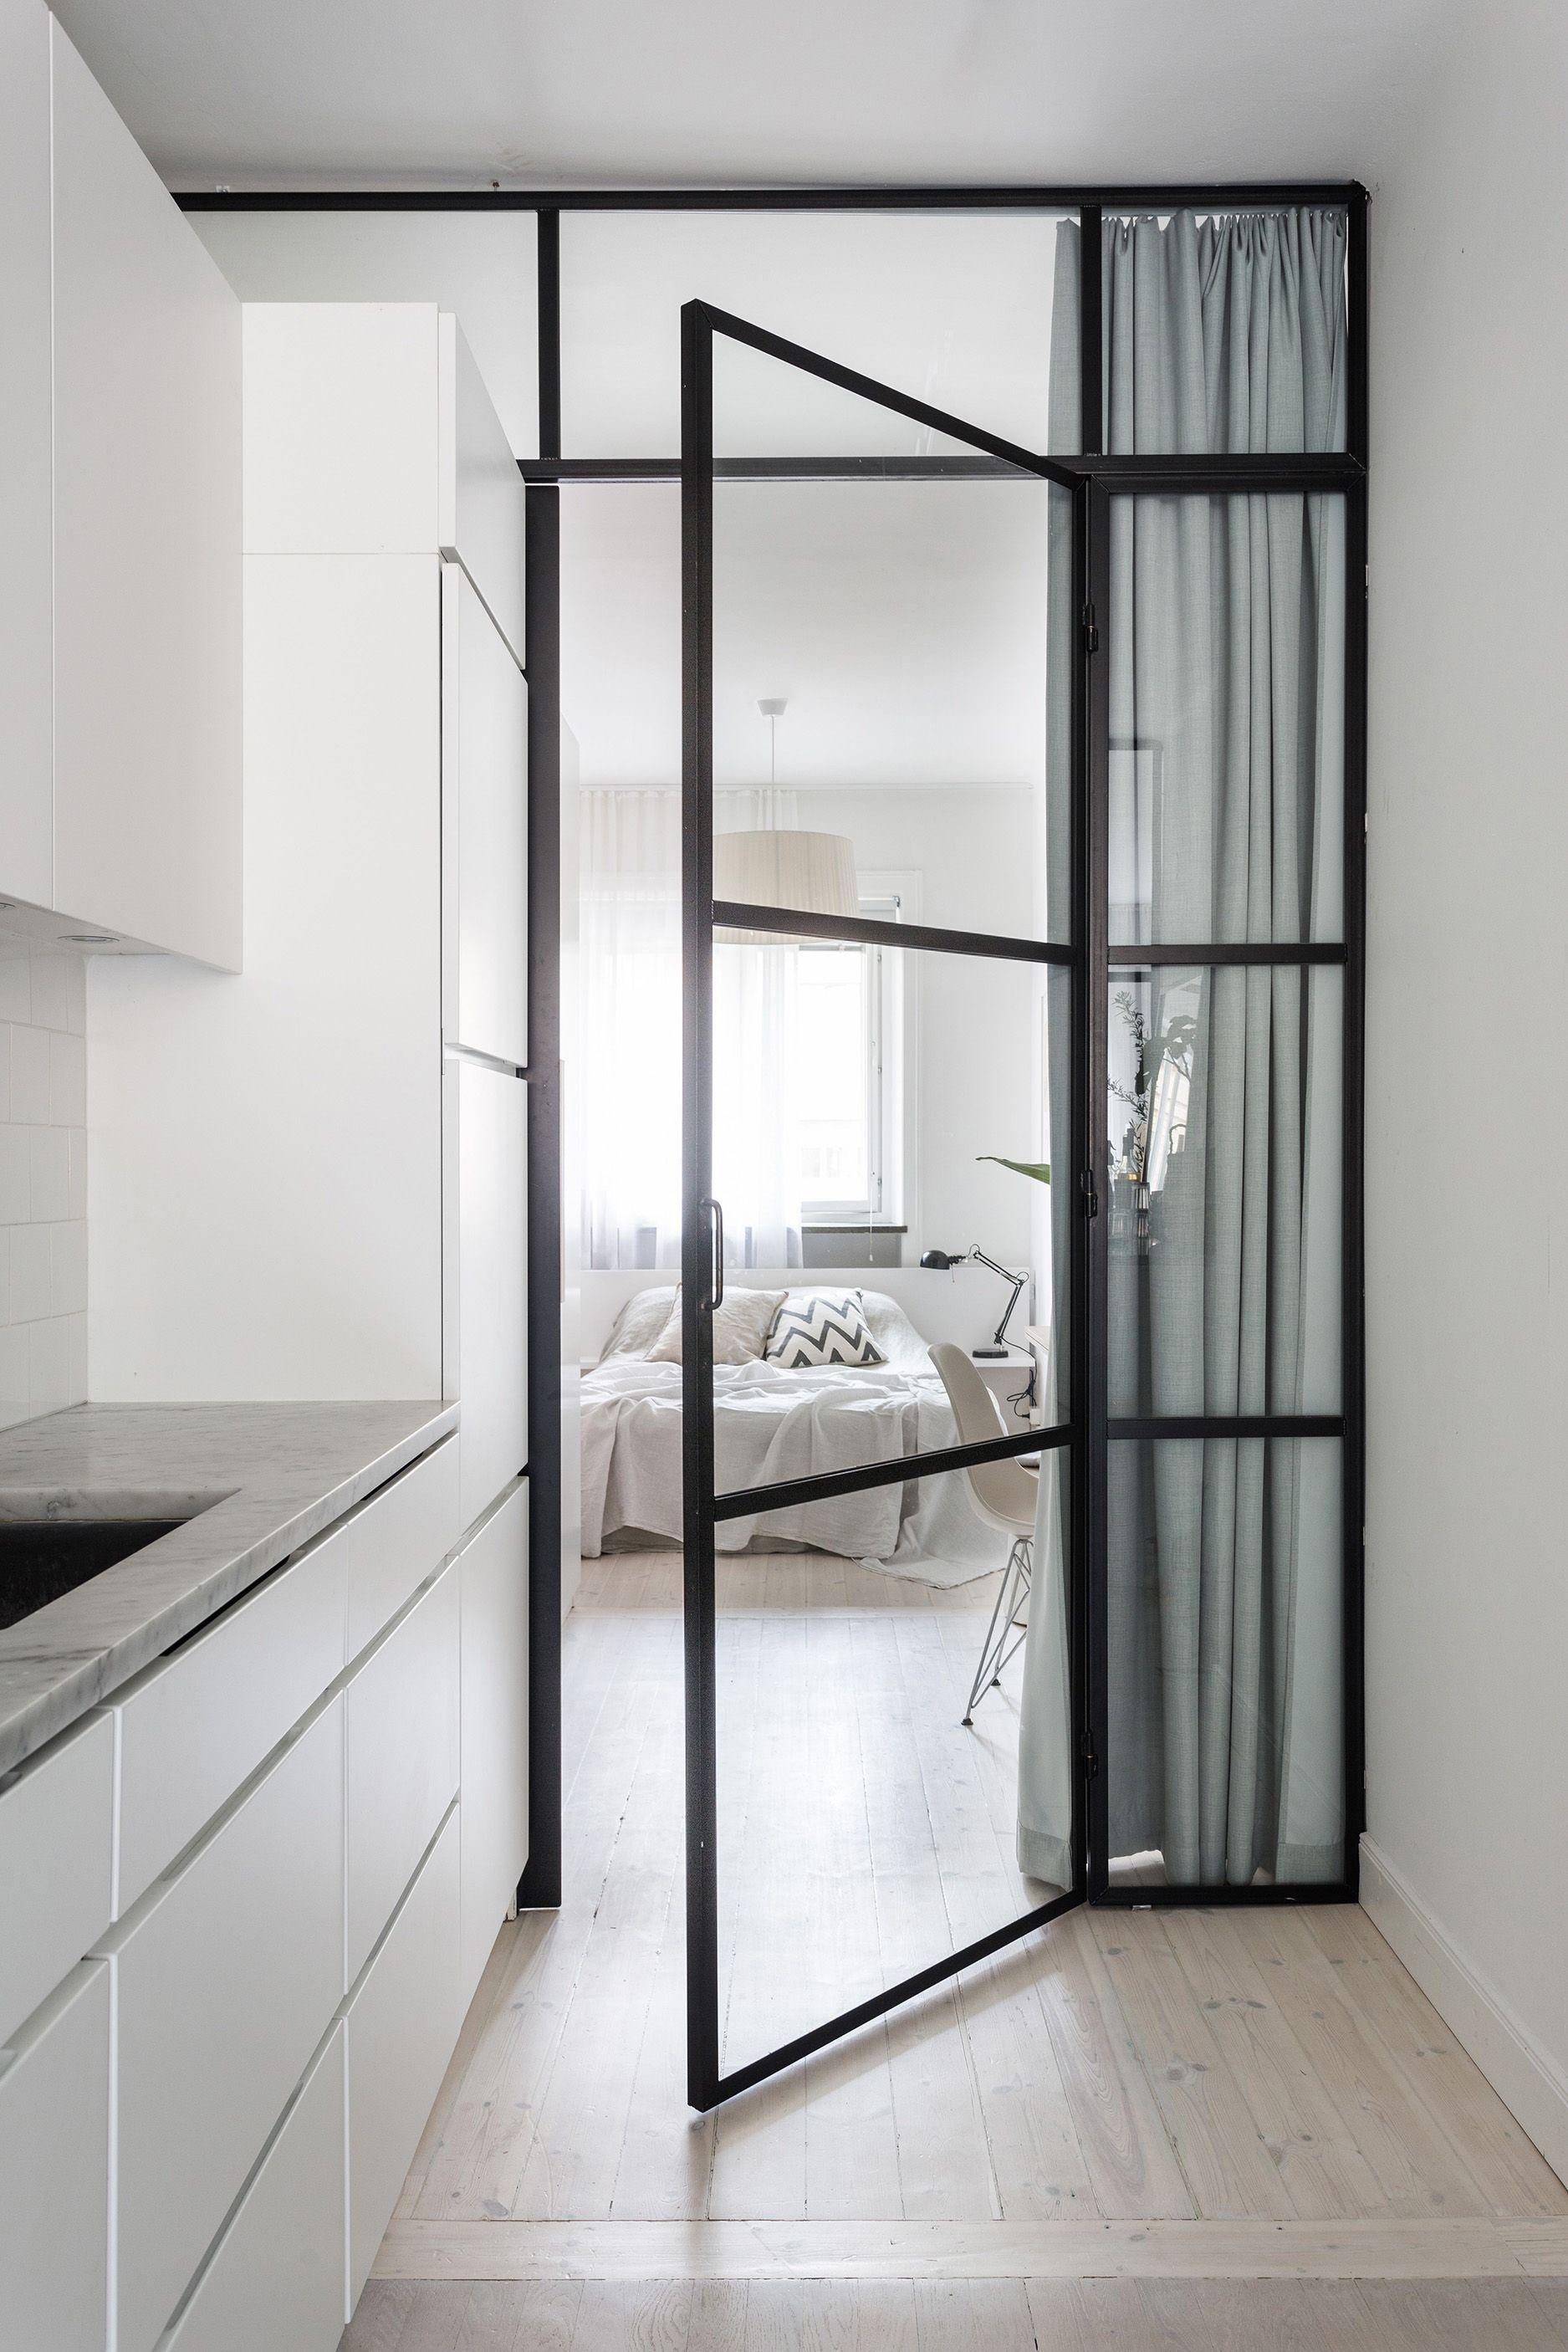 Garvargatan 20 2 tr fantastic frank bedrooms in 2019 glas wohnen und haus - Glastrennwand wohnbereich ...